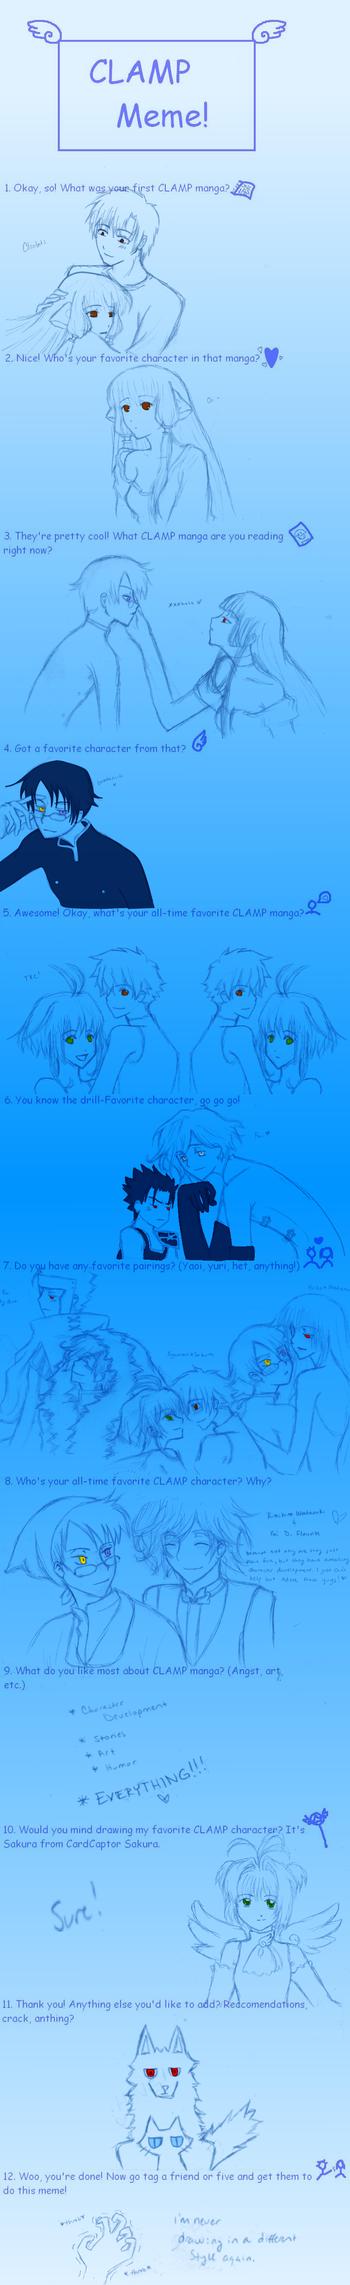 CLAMP Meme by Cel-Dreams